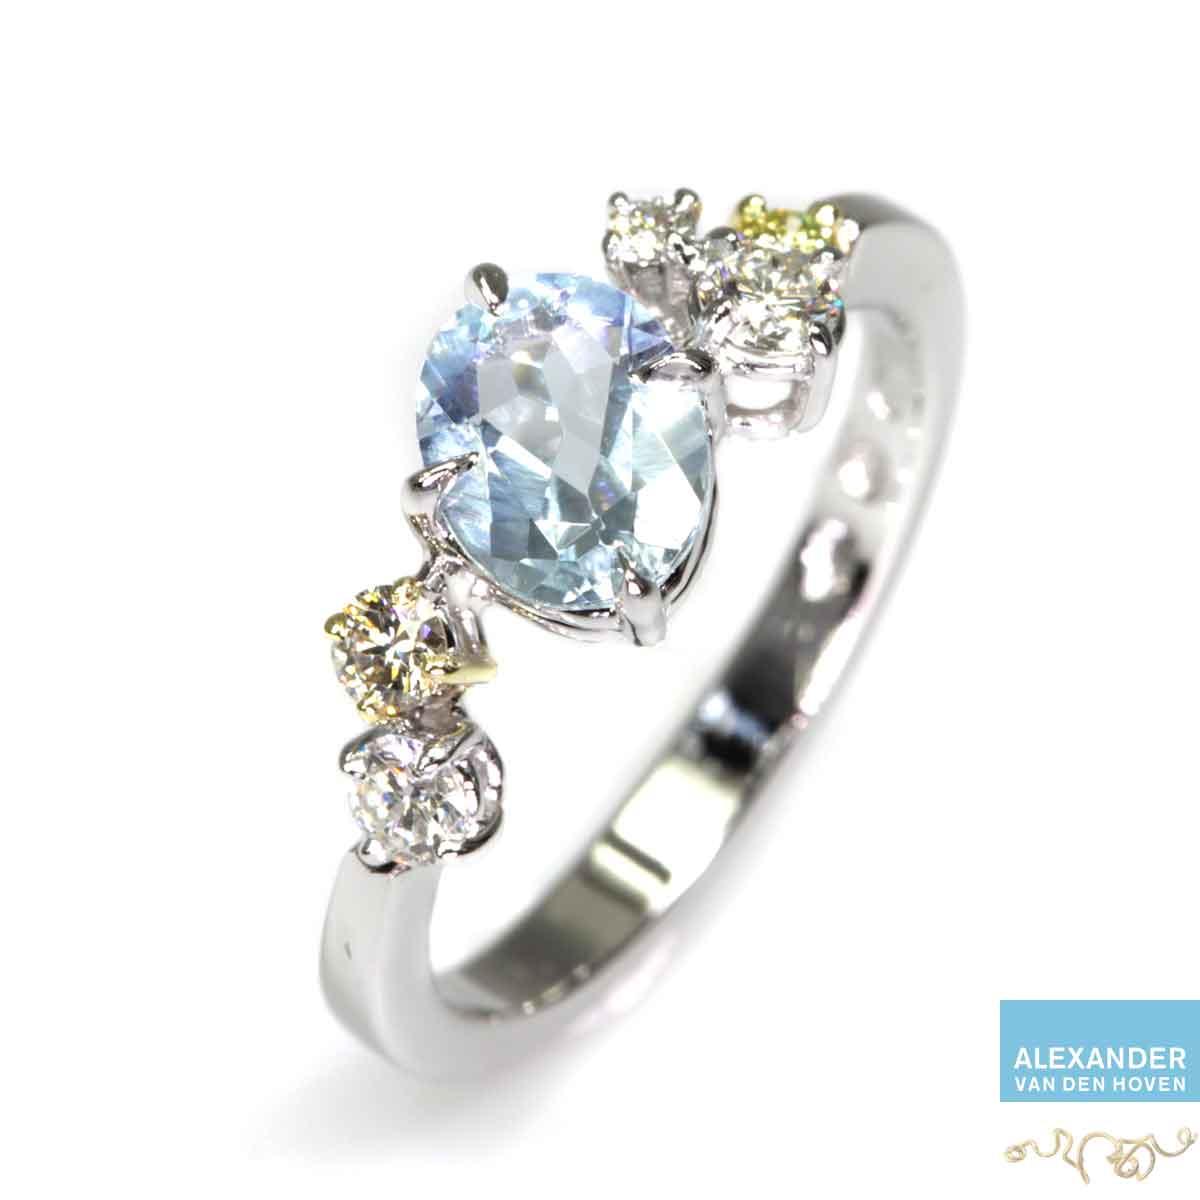 Witgouden verlovingsring, ook in Platina met Aquamarijn edelsteen en briljant geslepen Diamanten